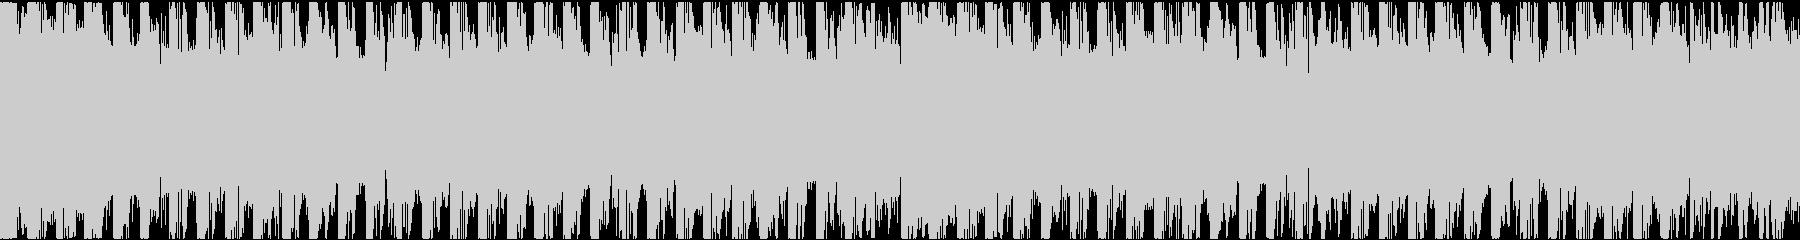 最先端のトレンドを取り入れたBGMの未再生の波形